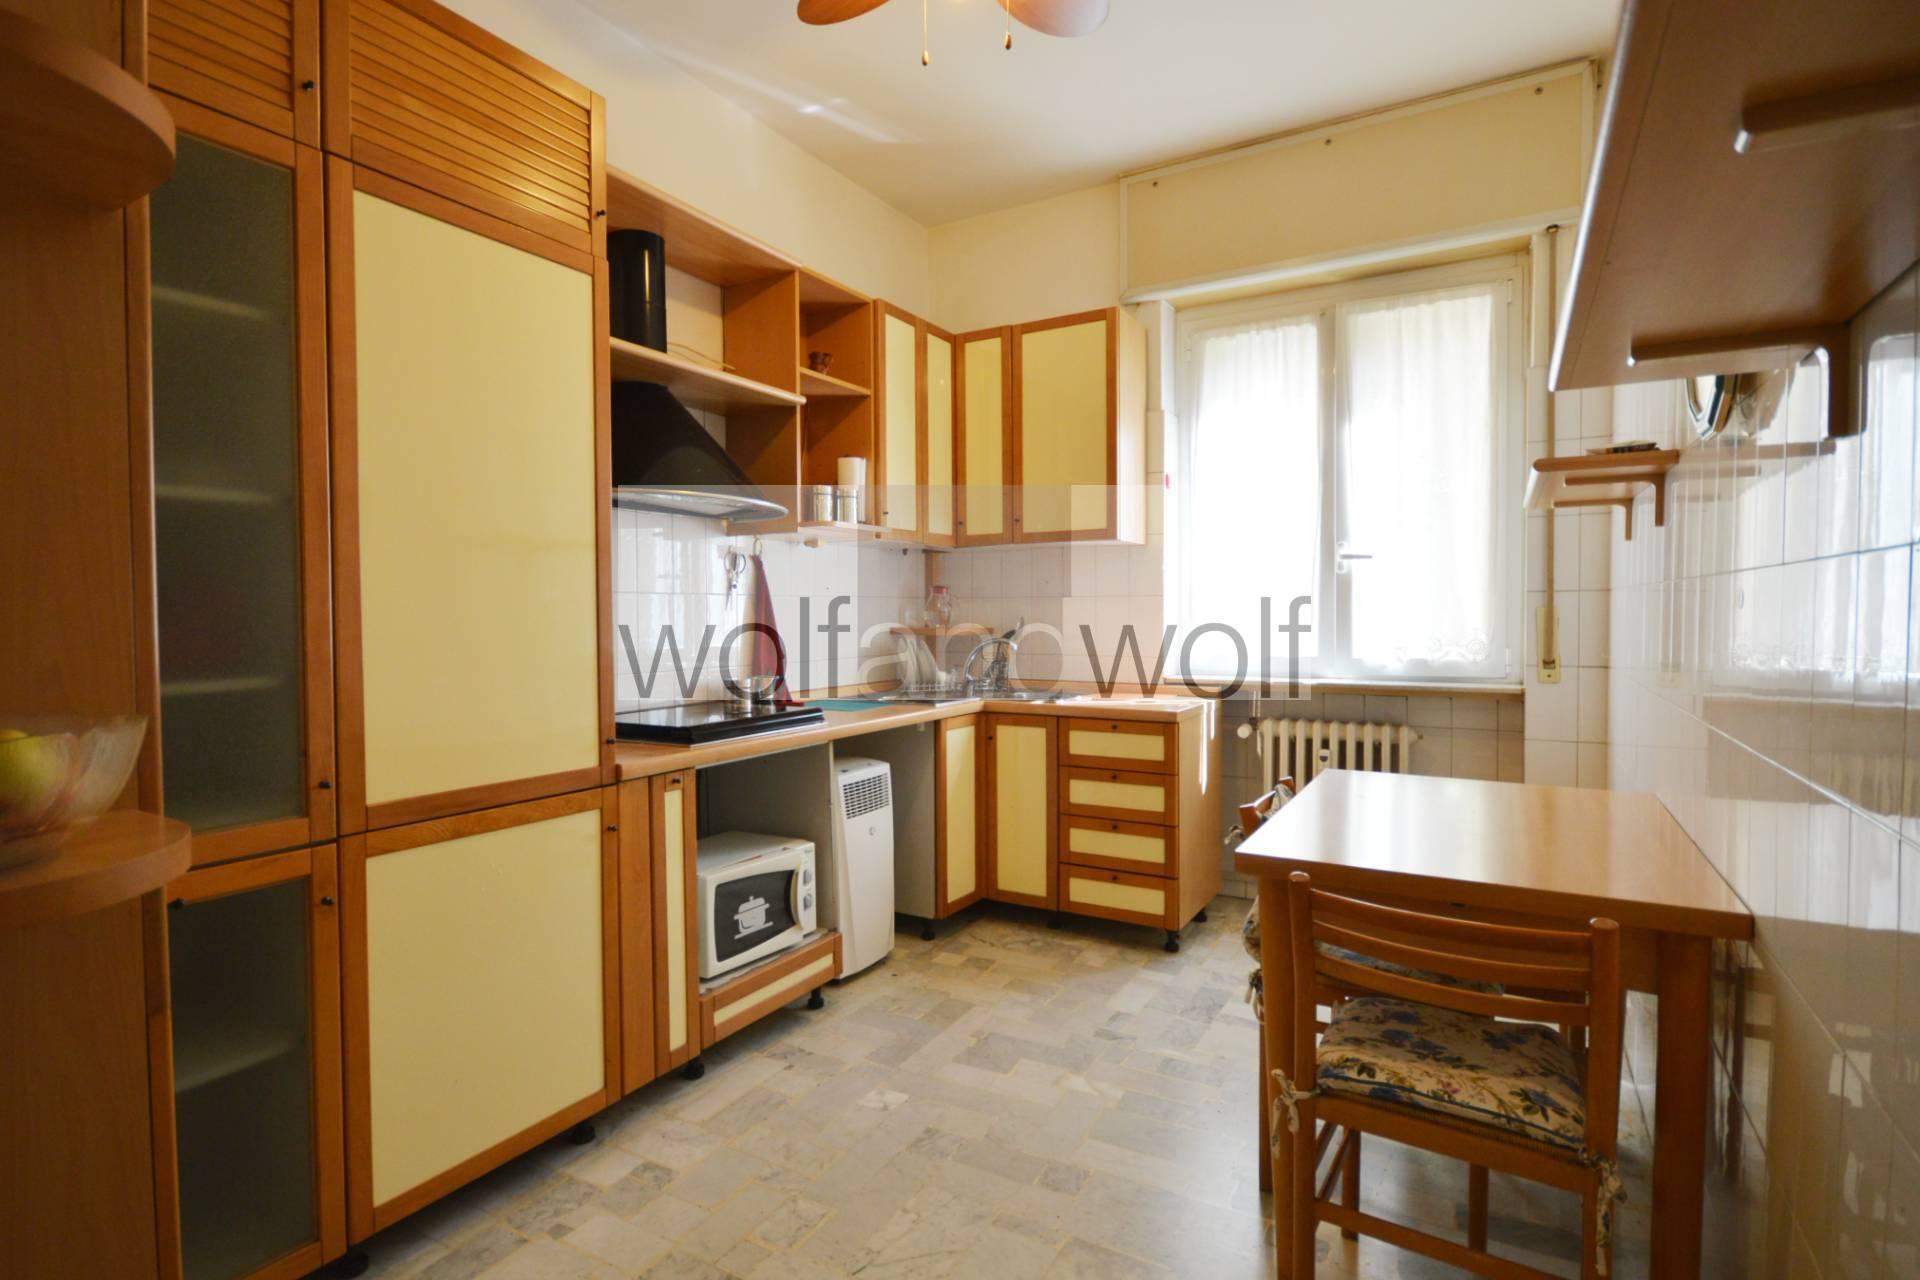 Appartamento in vendita a Trezzano sul Naviglio, 2 locali, prezzo € 87.000 | PortaleAgenzieImmobiliari.it